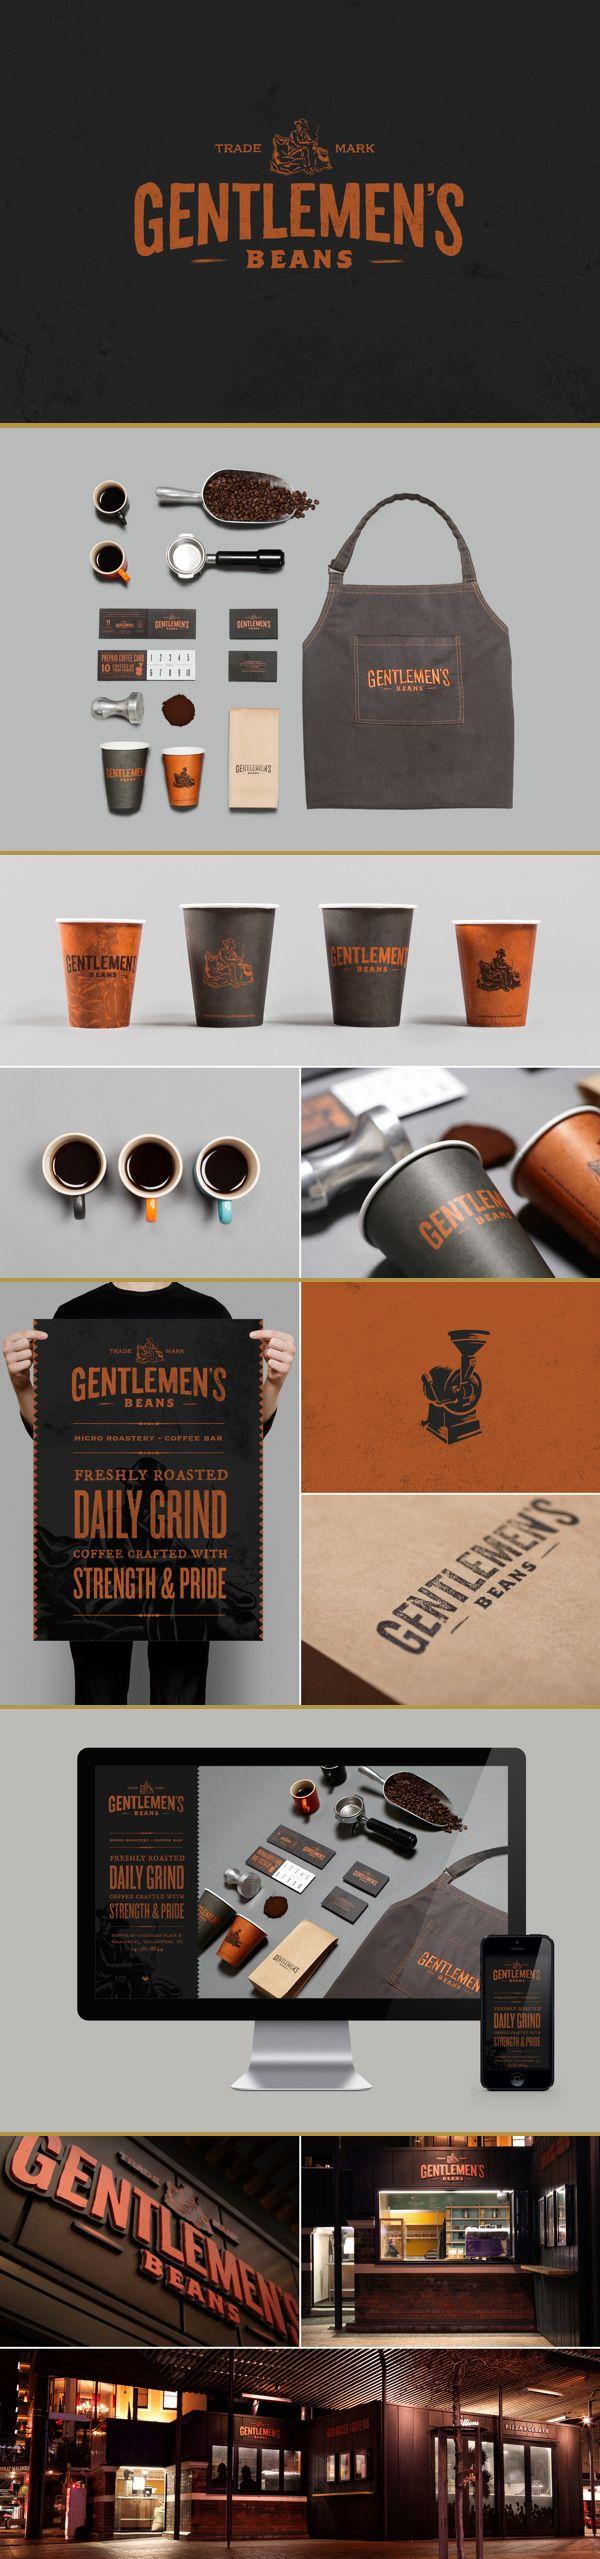 identity gentlemenu0027s beans coffee bar spaincreative